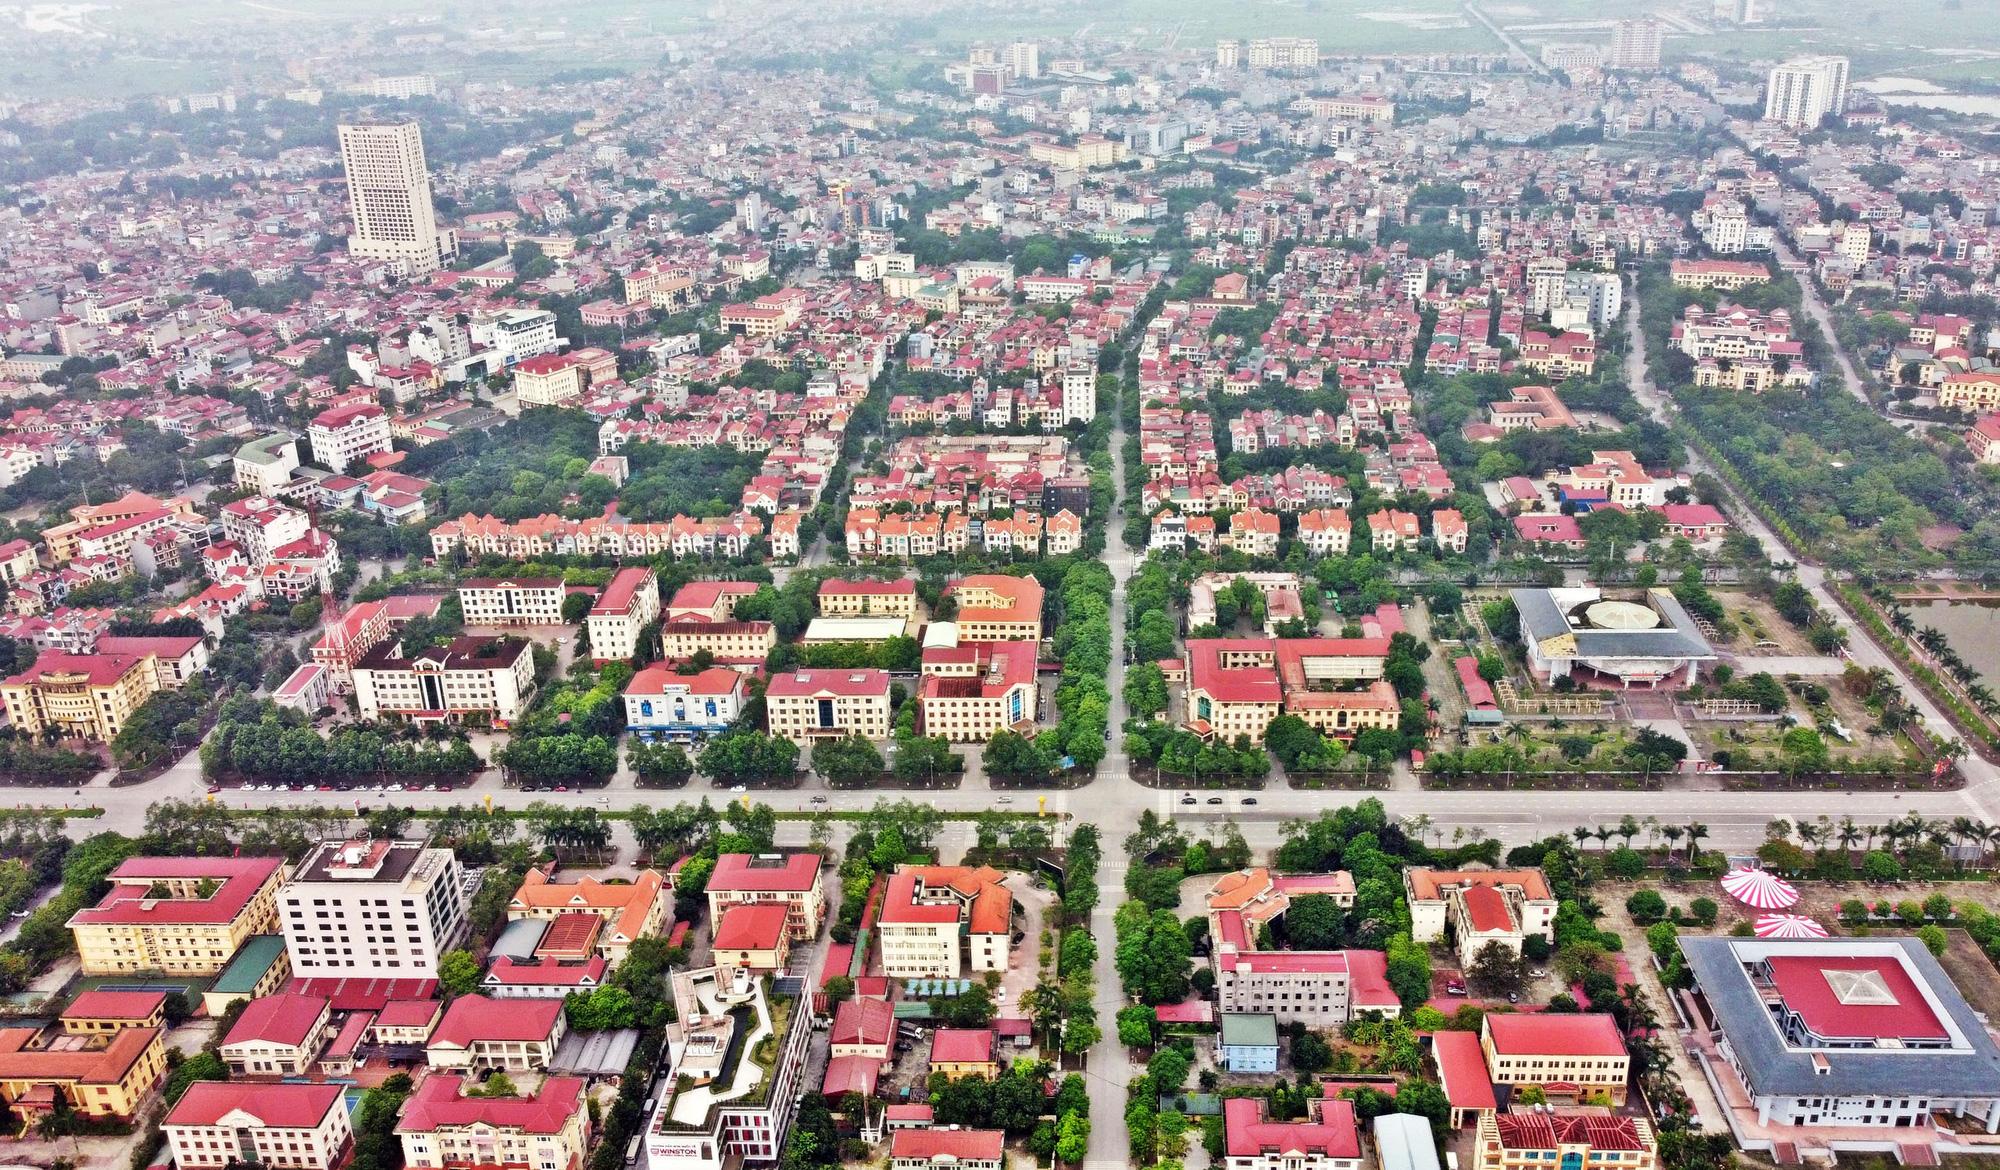 Thị trường bất động sản sẽ ra sao nếu Đà Nẵng, Bắc Ninh,  Hà Nam... sáp nhập? - Ảnh 1.